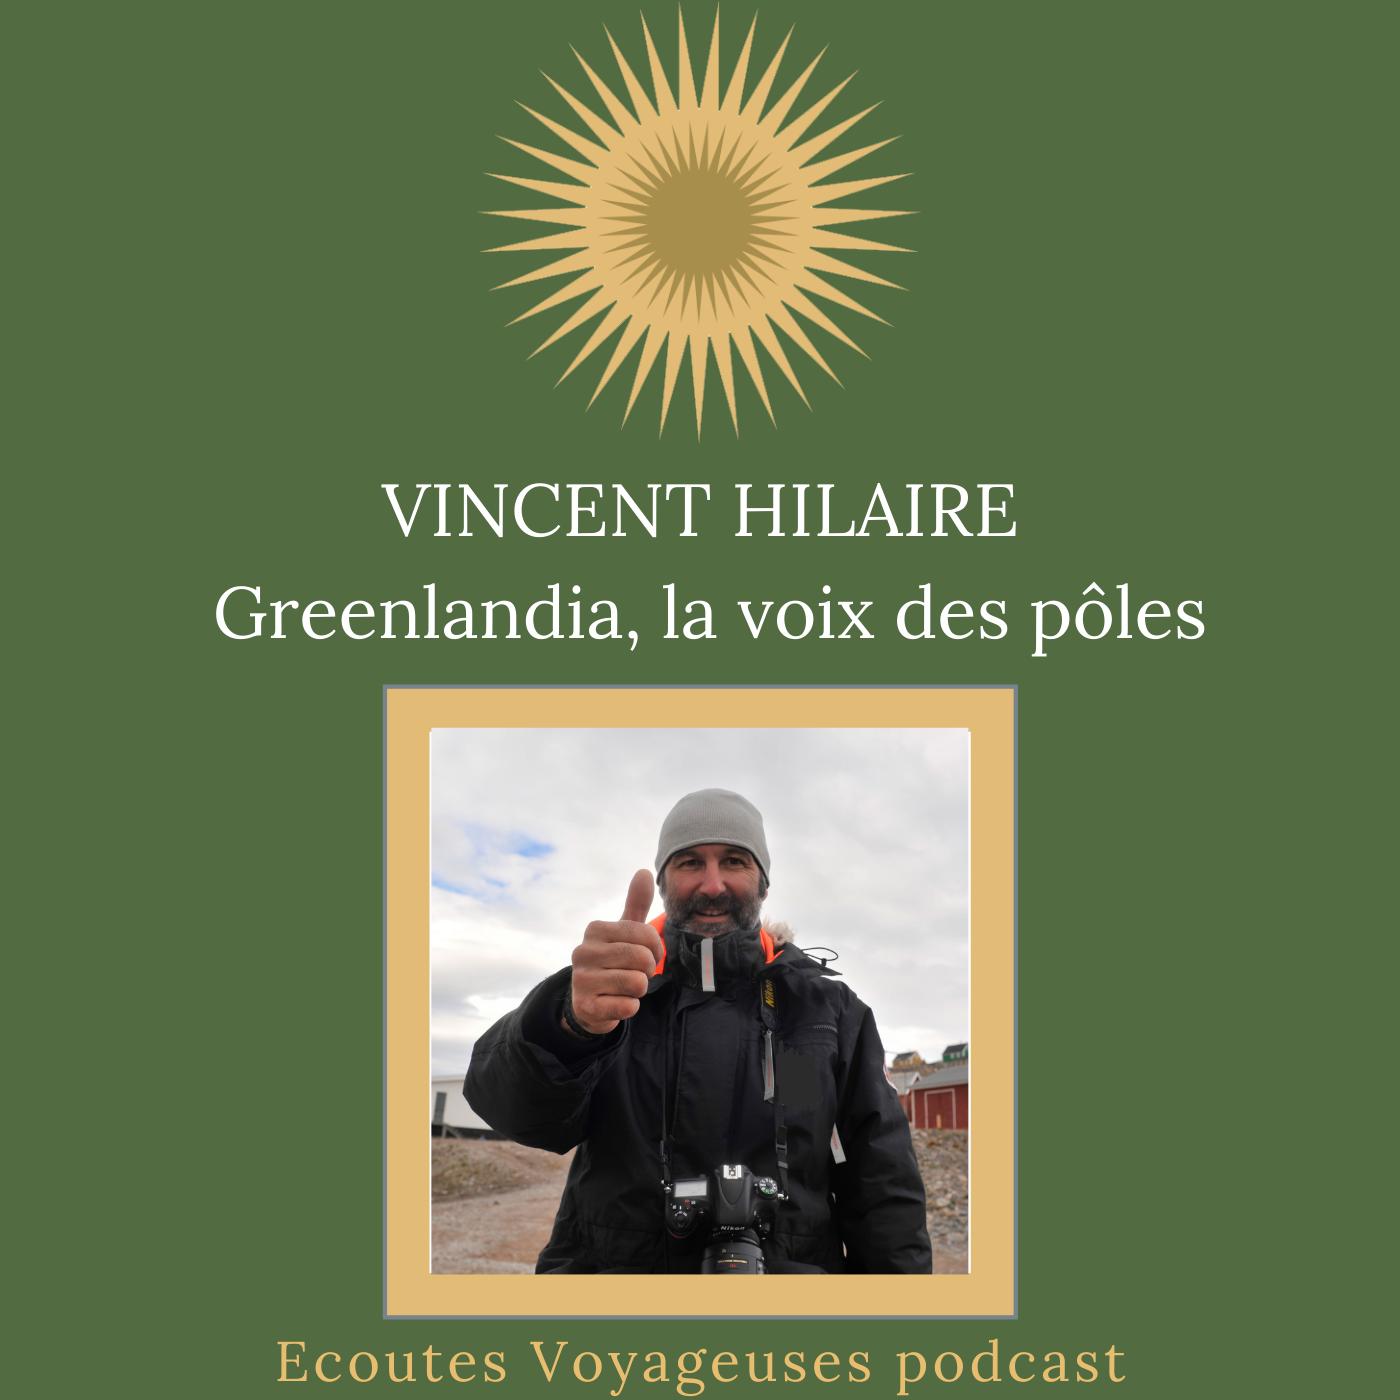 Greenlandia, la voix des pôles